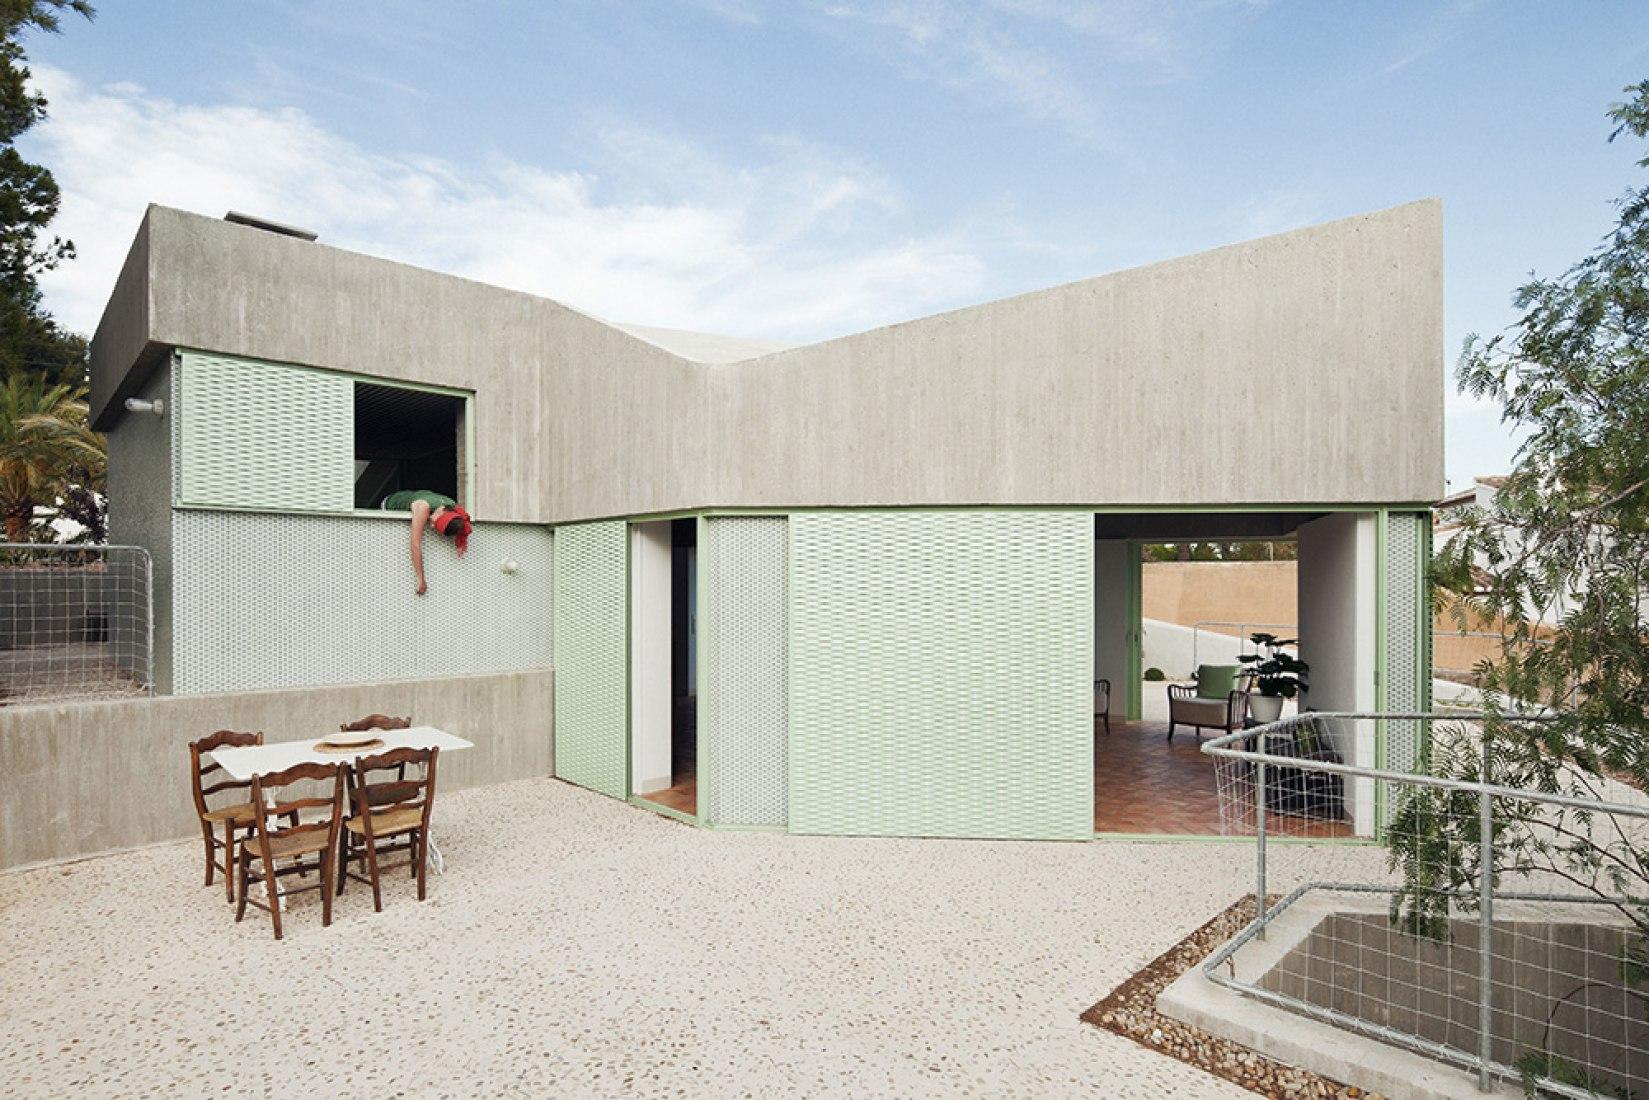 Casa Baladrar por María Langarita y Víctor Navarro. Fotografía © Luis Diaz Diaz.